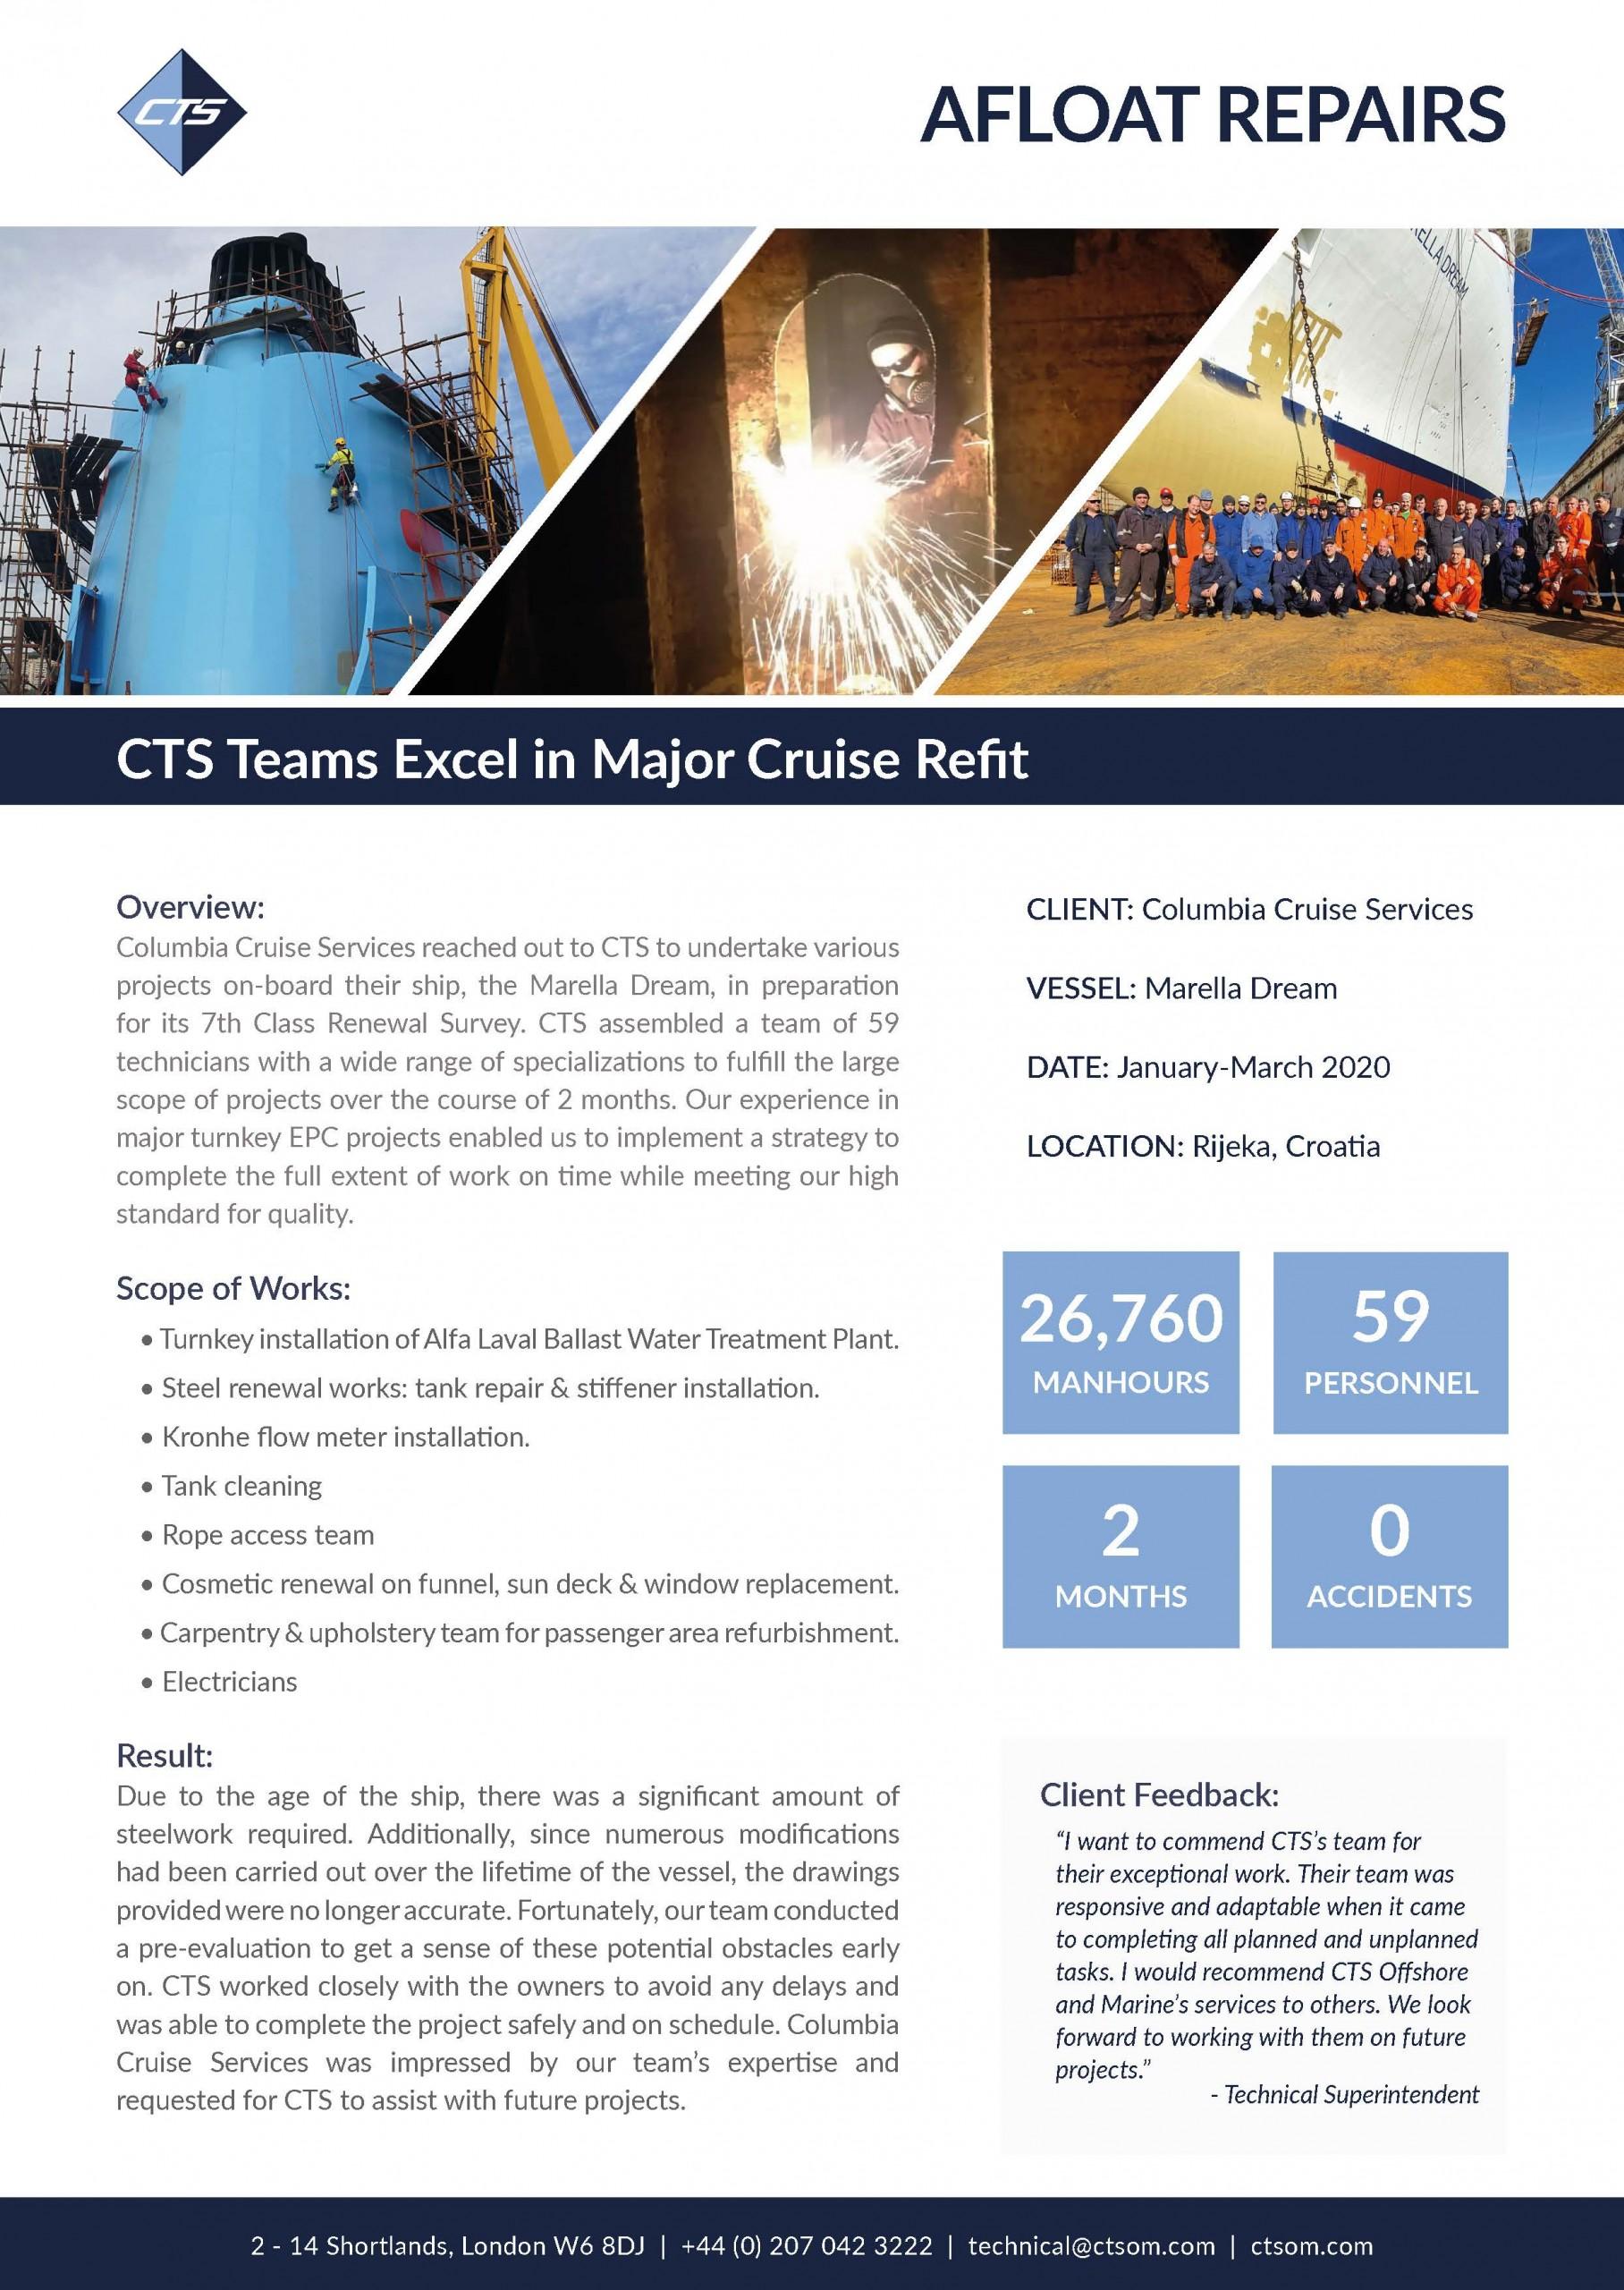 CTS Teams Excel in Major Cruise Refit